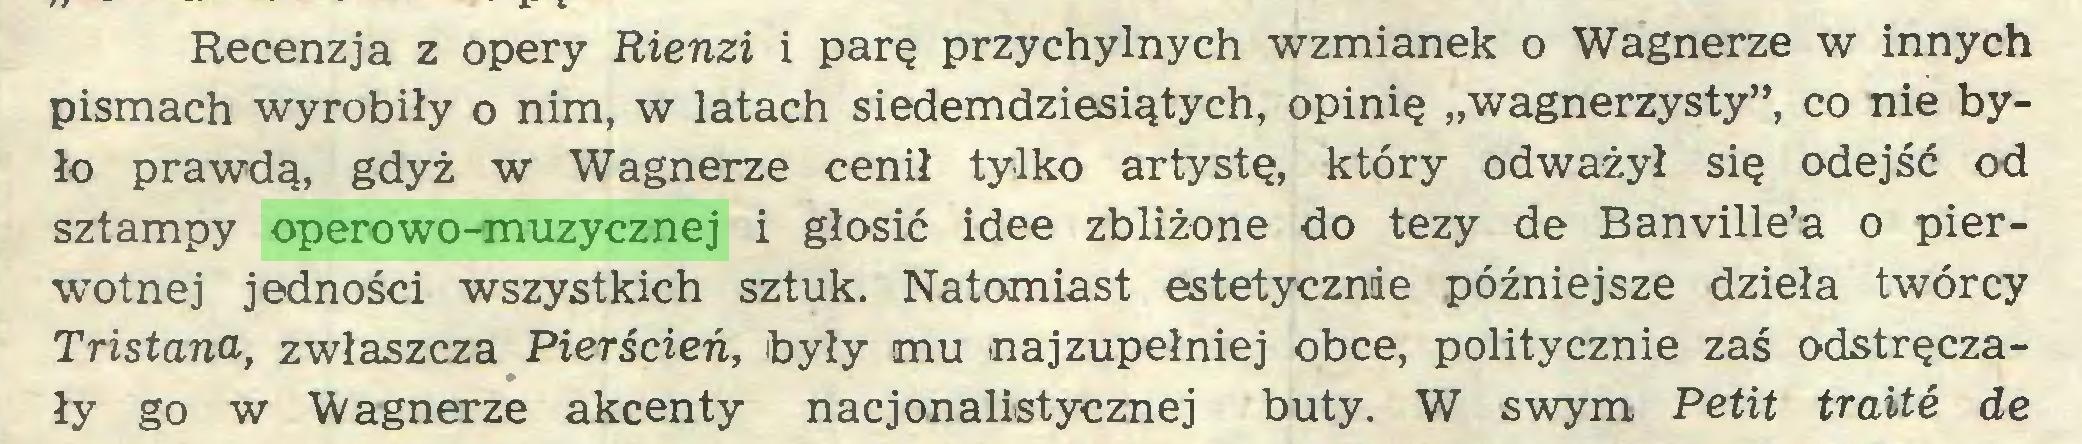 """(...) Recenzja z opery Rienzi i parę przychylnych wzmianek o Wagnerze w innych pismach wyrobiły o nim, w latach siedemdziesiątych, opinię """"wagnerzysty"""", co nie było prawdą, gdyż w Wagnerze cenił tylko artystę, który odważył się odejść od sztampy operowo-muzycznej i głosić idee zbliżone do tezy de Banville'a o pierwotnej jedności wszystkich sztuk. Natomiast estetycznie późniejsze dzieła twórcy Tristana, zwłaszcza Pierścień, były mu najzupełniej obce, politycznie zaś odstręczały go w Wagnerze akcenty nacjonalistycznej buty. W swym Petit traite de..."""